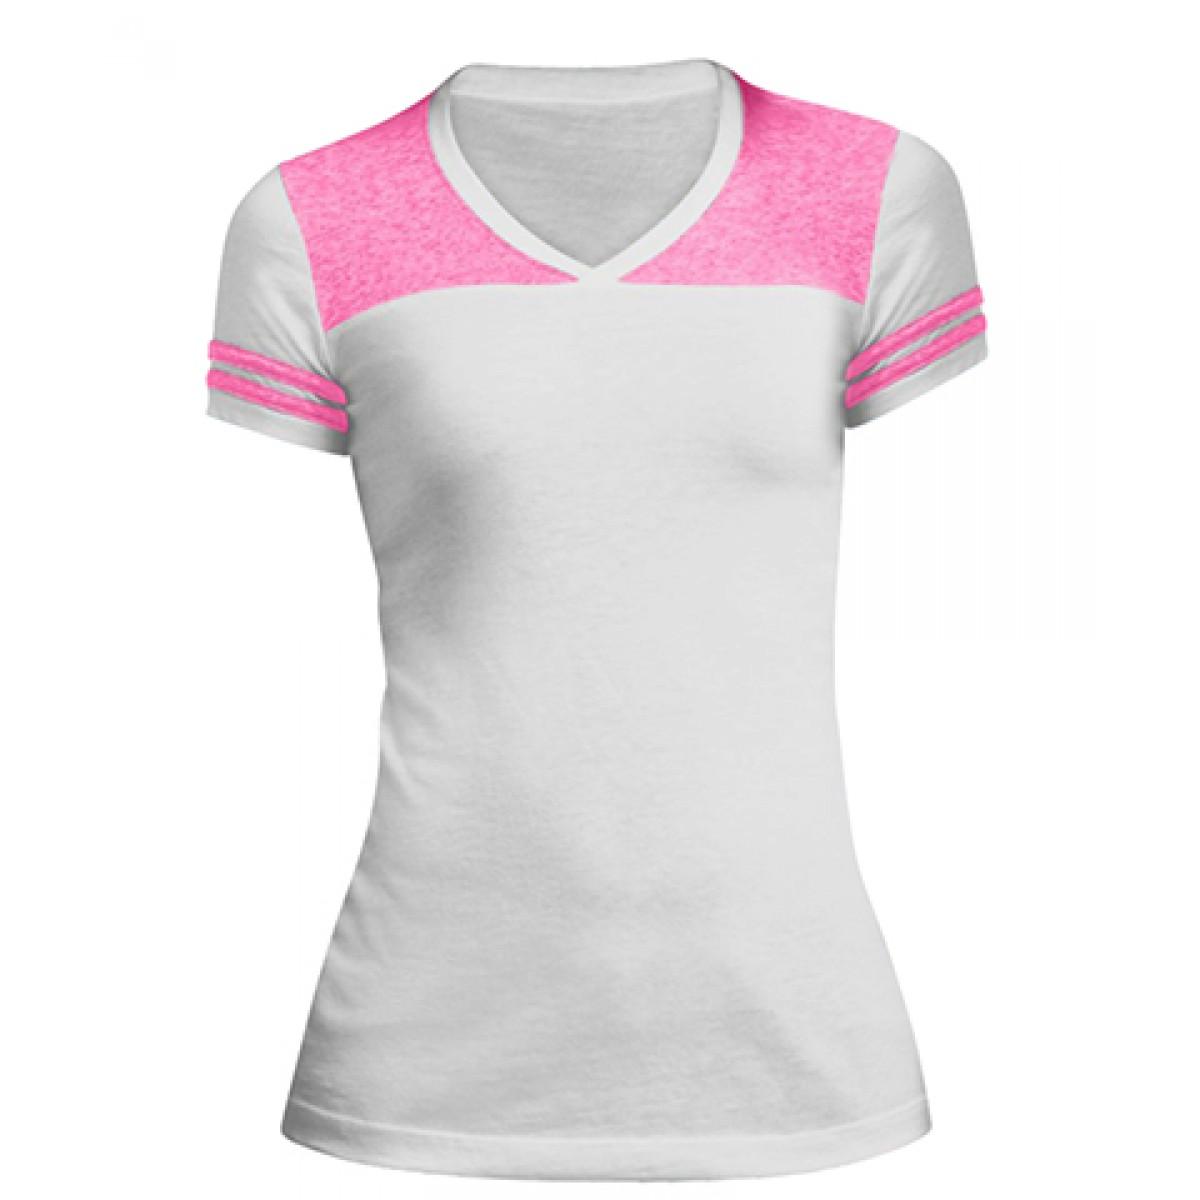 Juniors Varsity V-Neck Tee-White/Pink-M